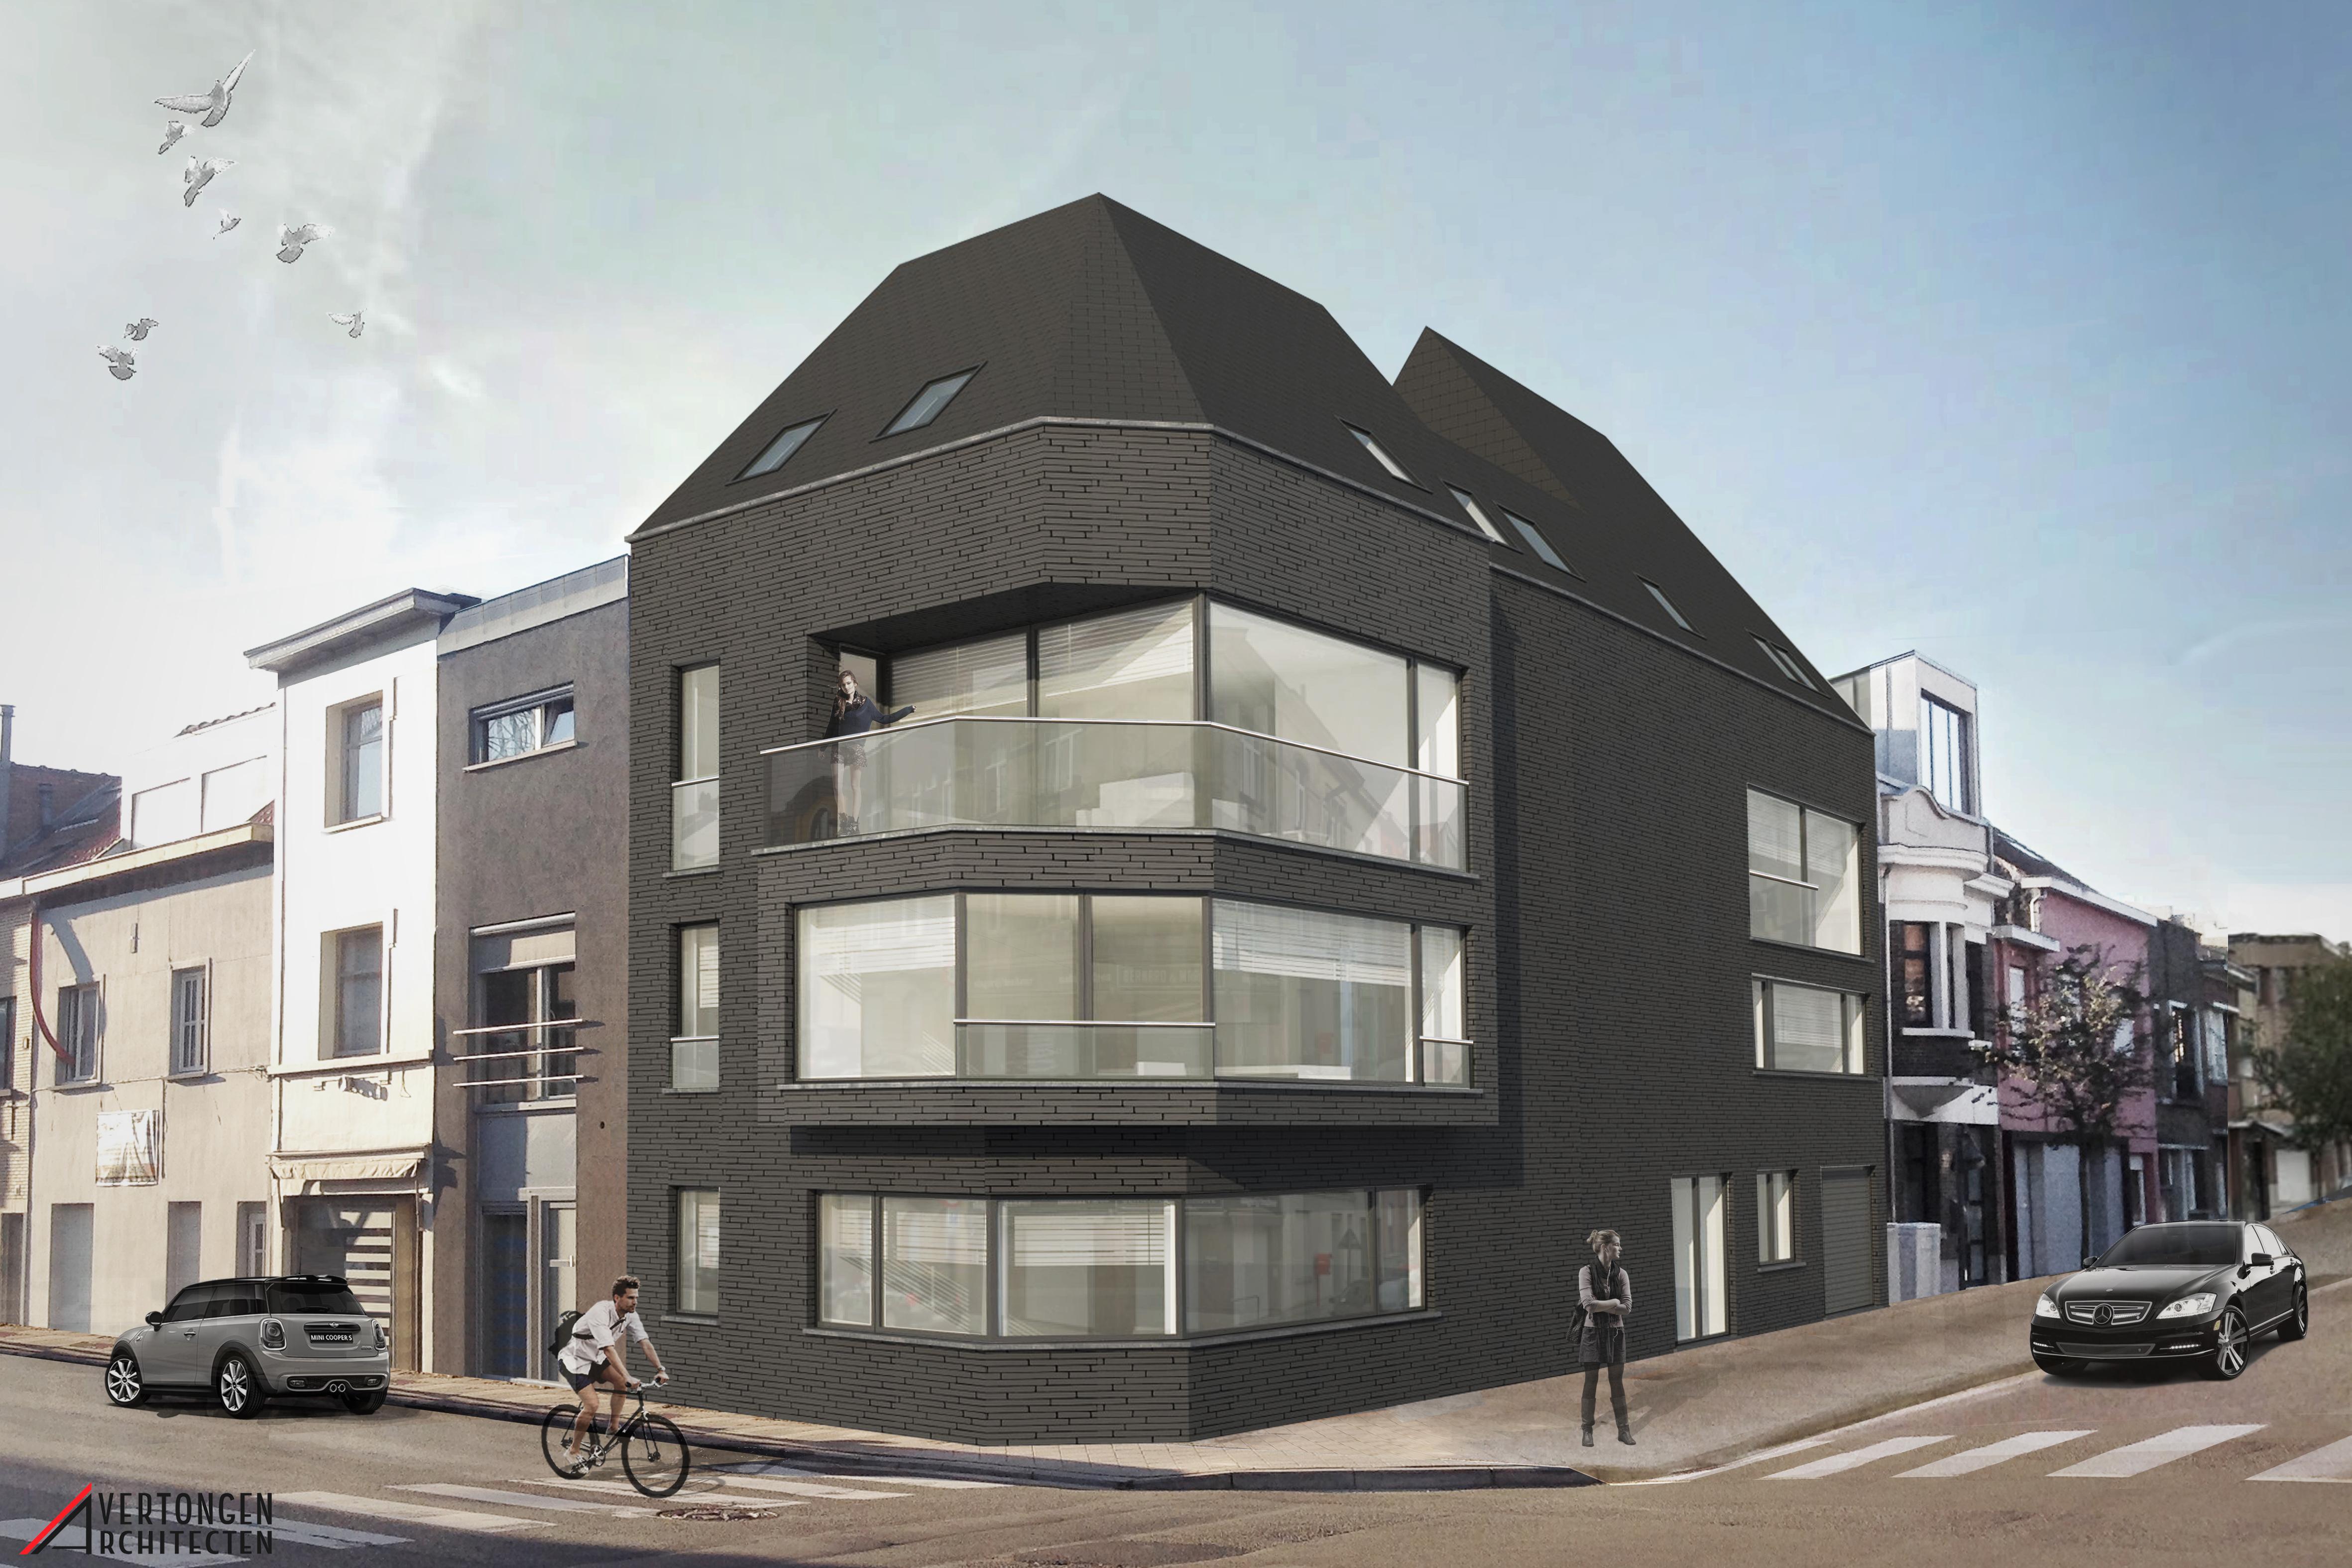 Patijntjesstraat appartementen